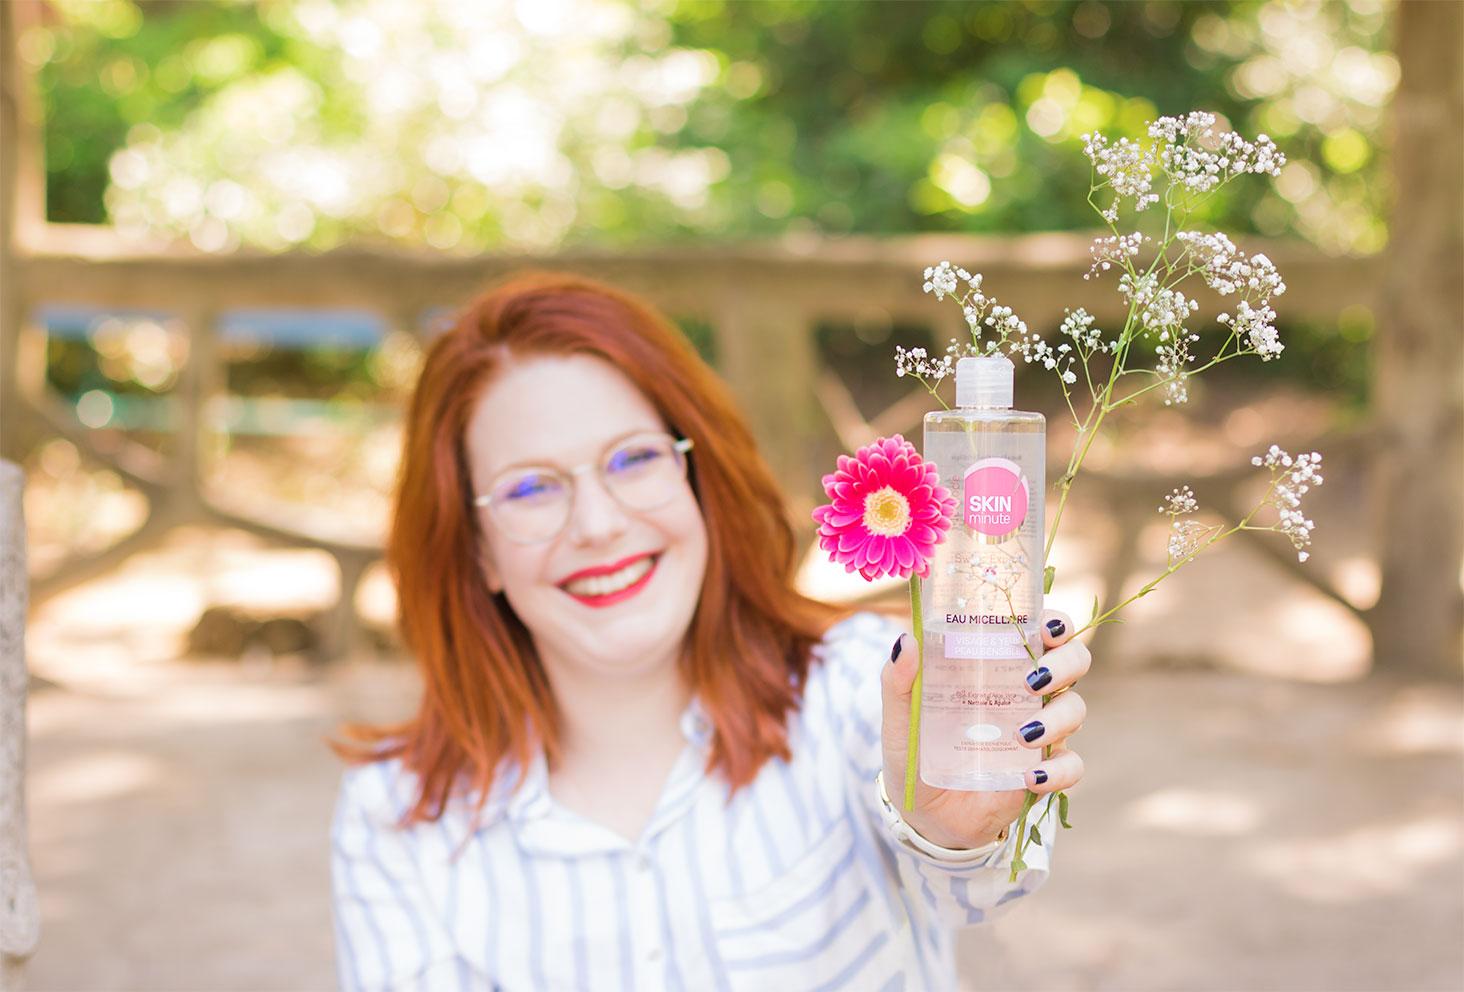 Présentation dans la main de l'eau micellaire de Body Minute tenue entre des fleurs roses et blanches